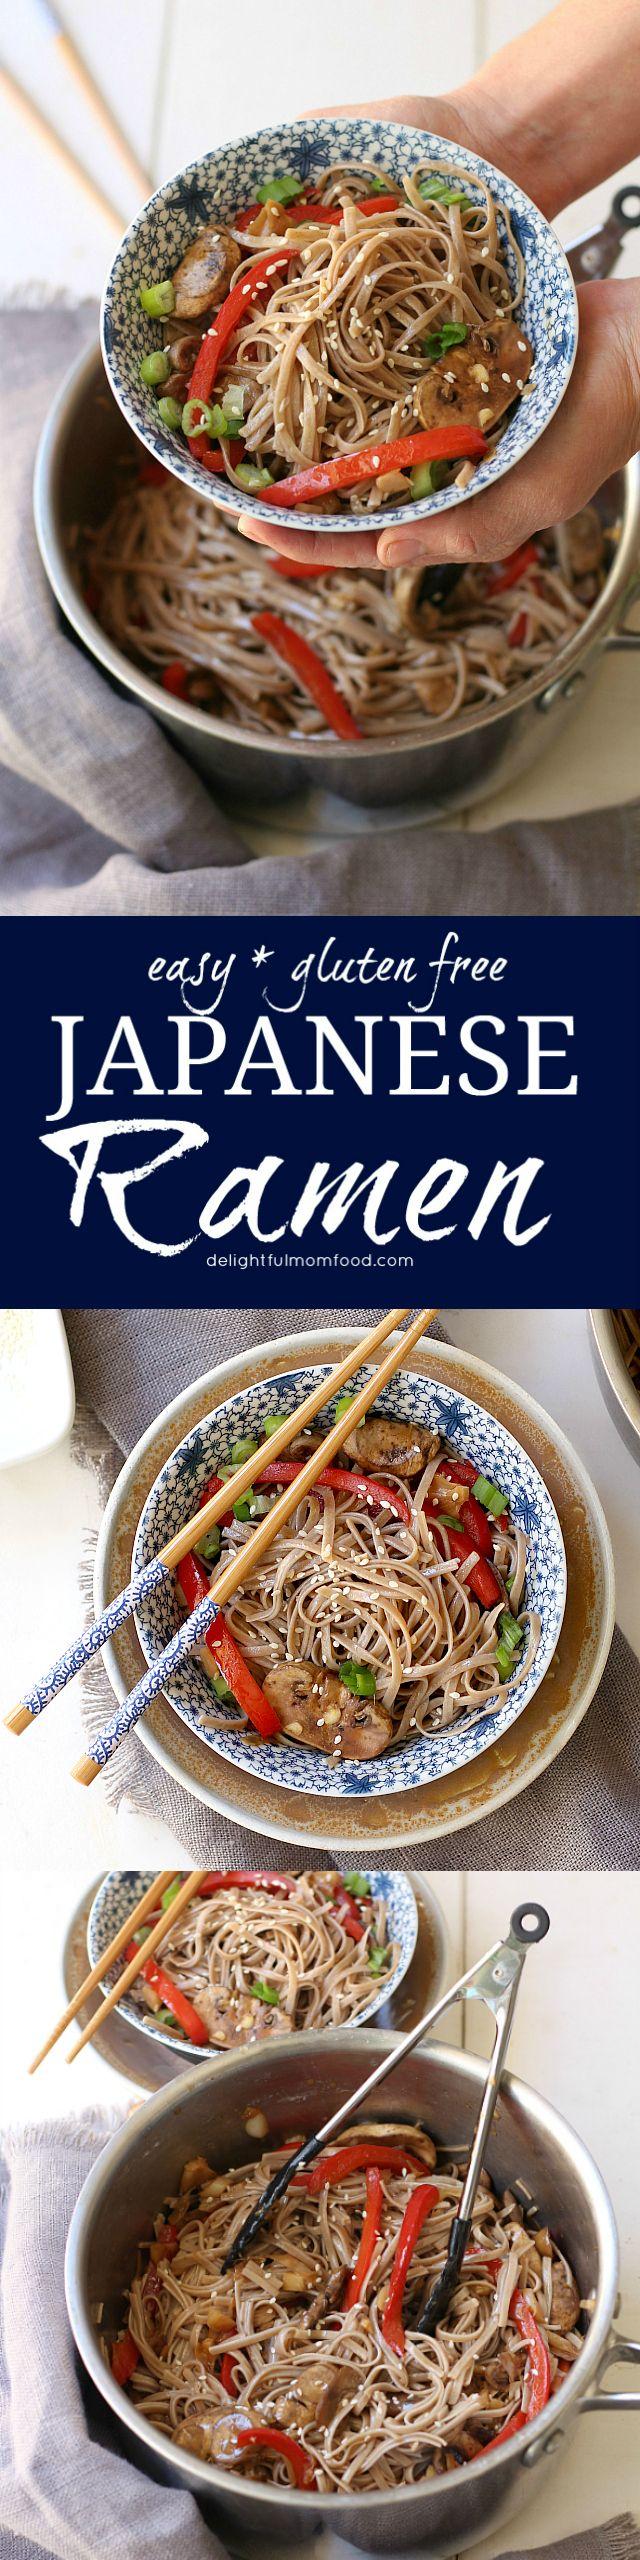 Healthy Gluten Free Japanese Ramen Noodles Recipe